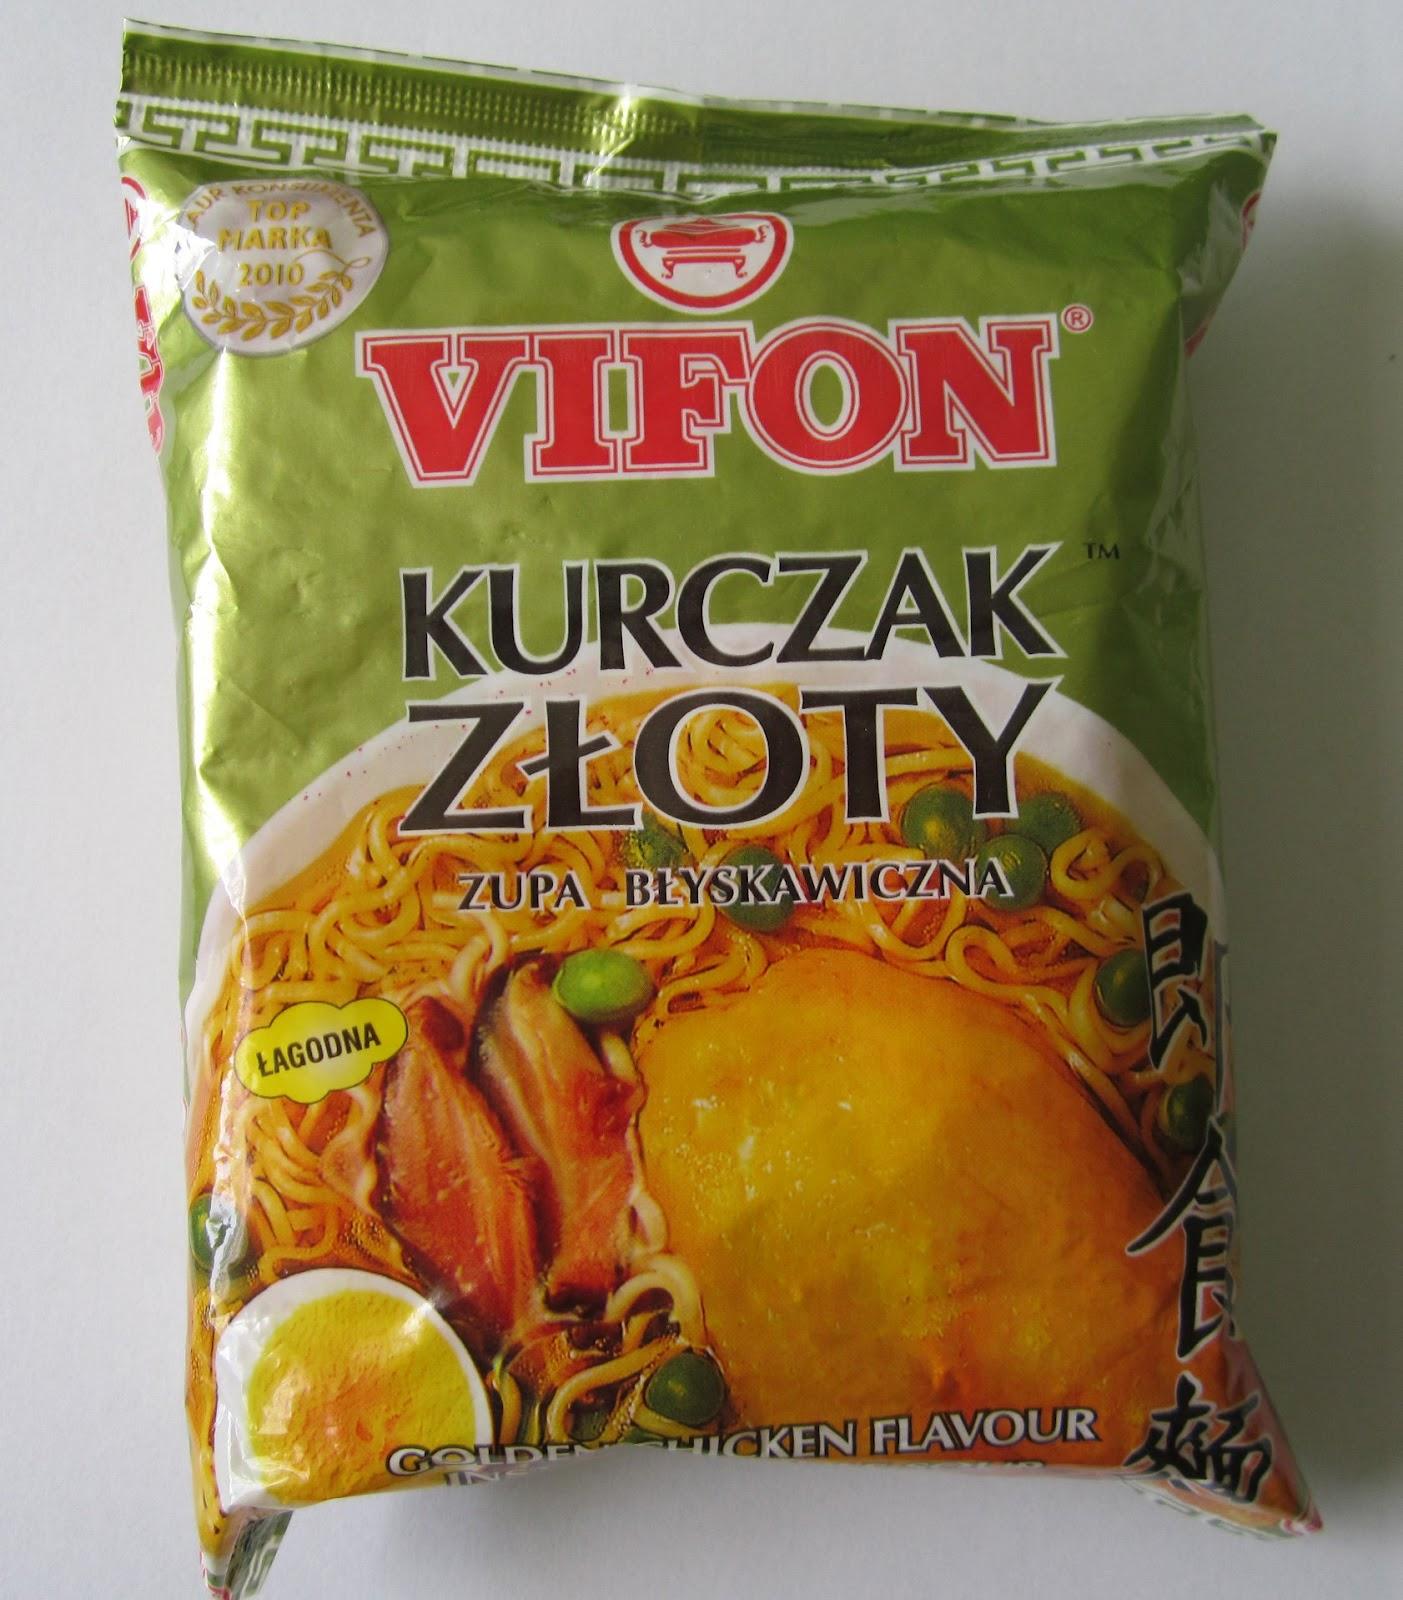 Warto Jesc Vifon Kurczak Zloty Zupa Blyskawiczna